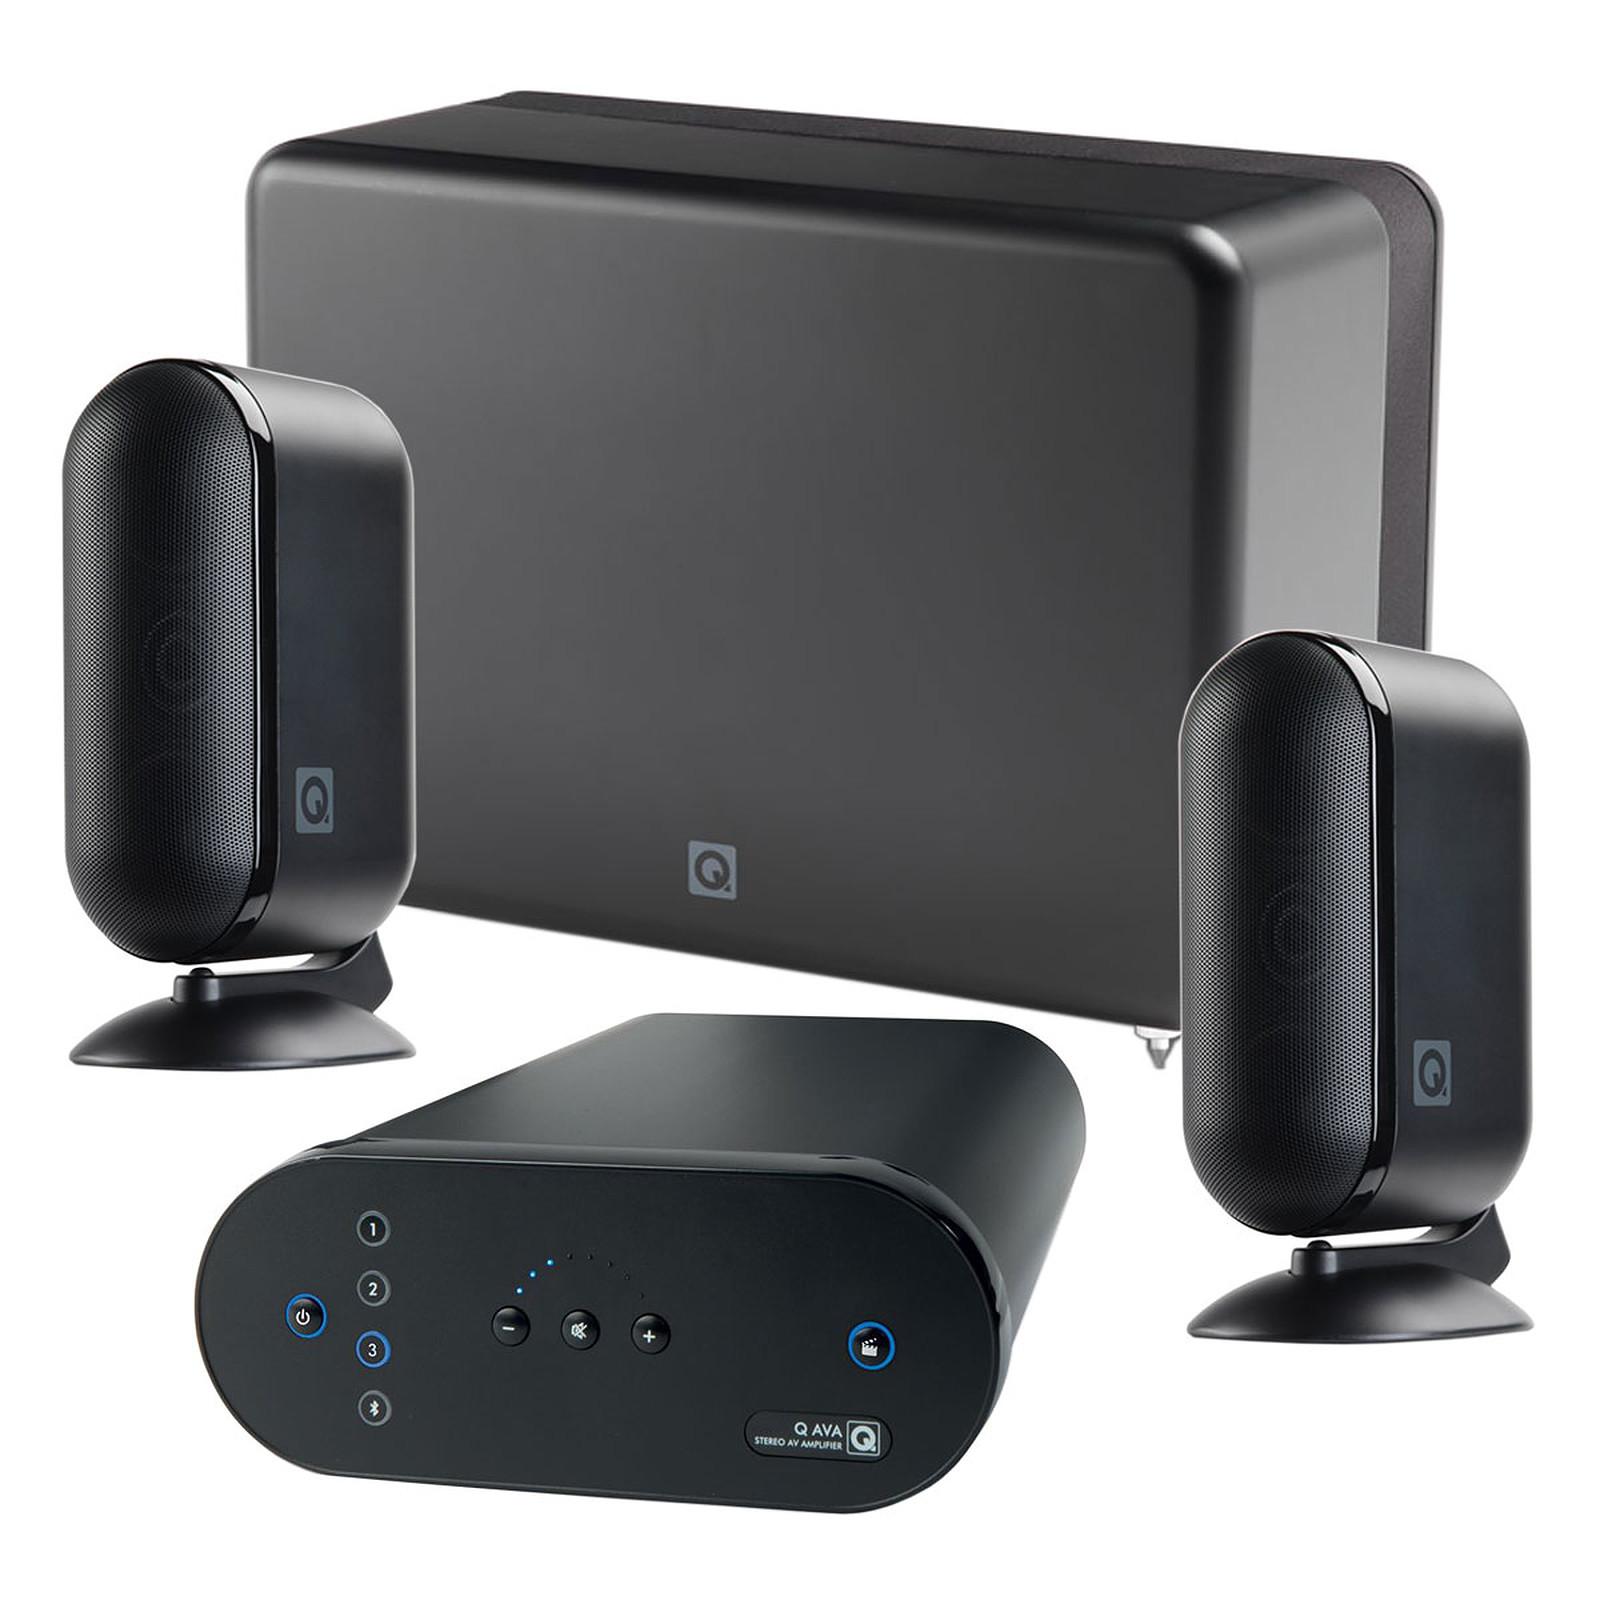 Q Acoustics M7 2.1 Noir